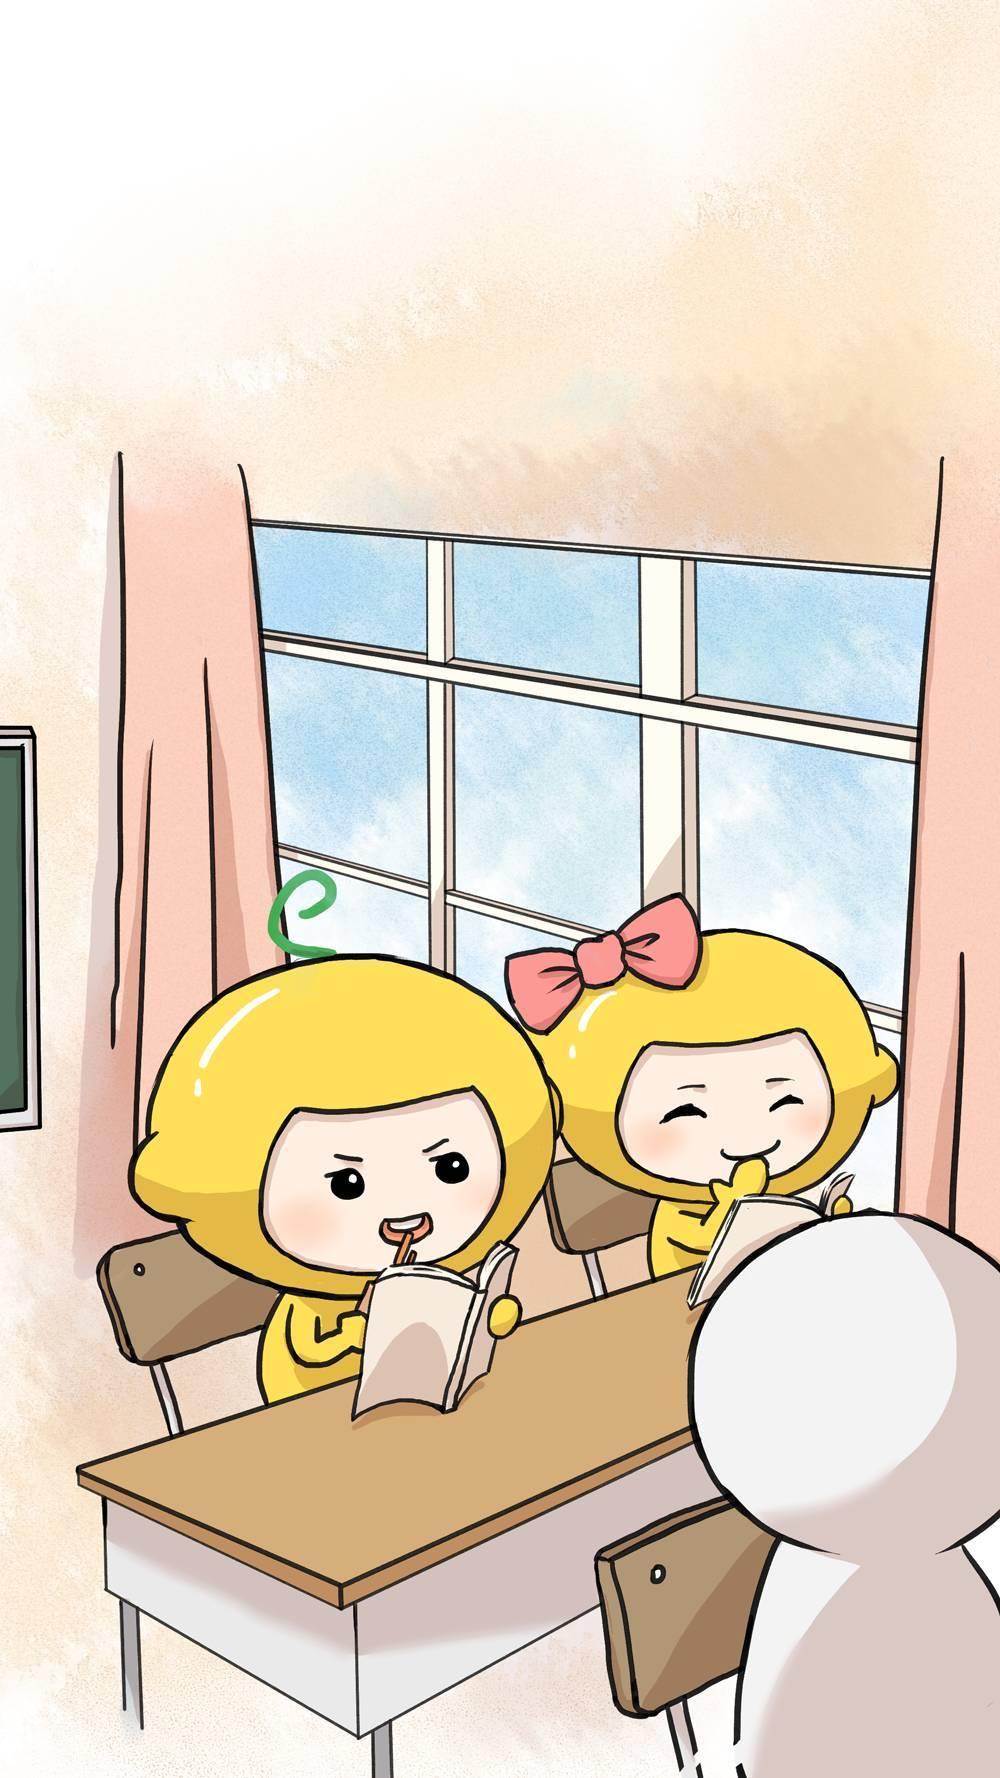 柠檬family | 开学啦!又到了上课偷吃辣条的日子图片